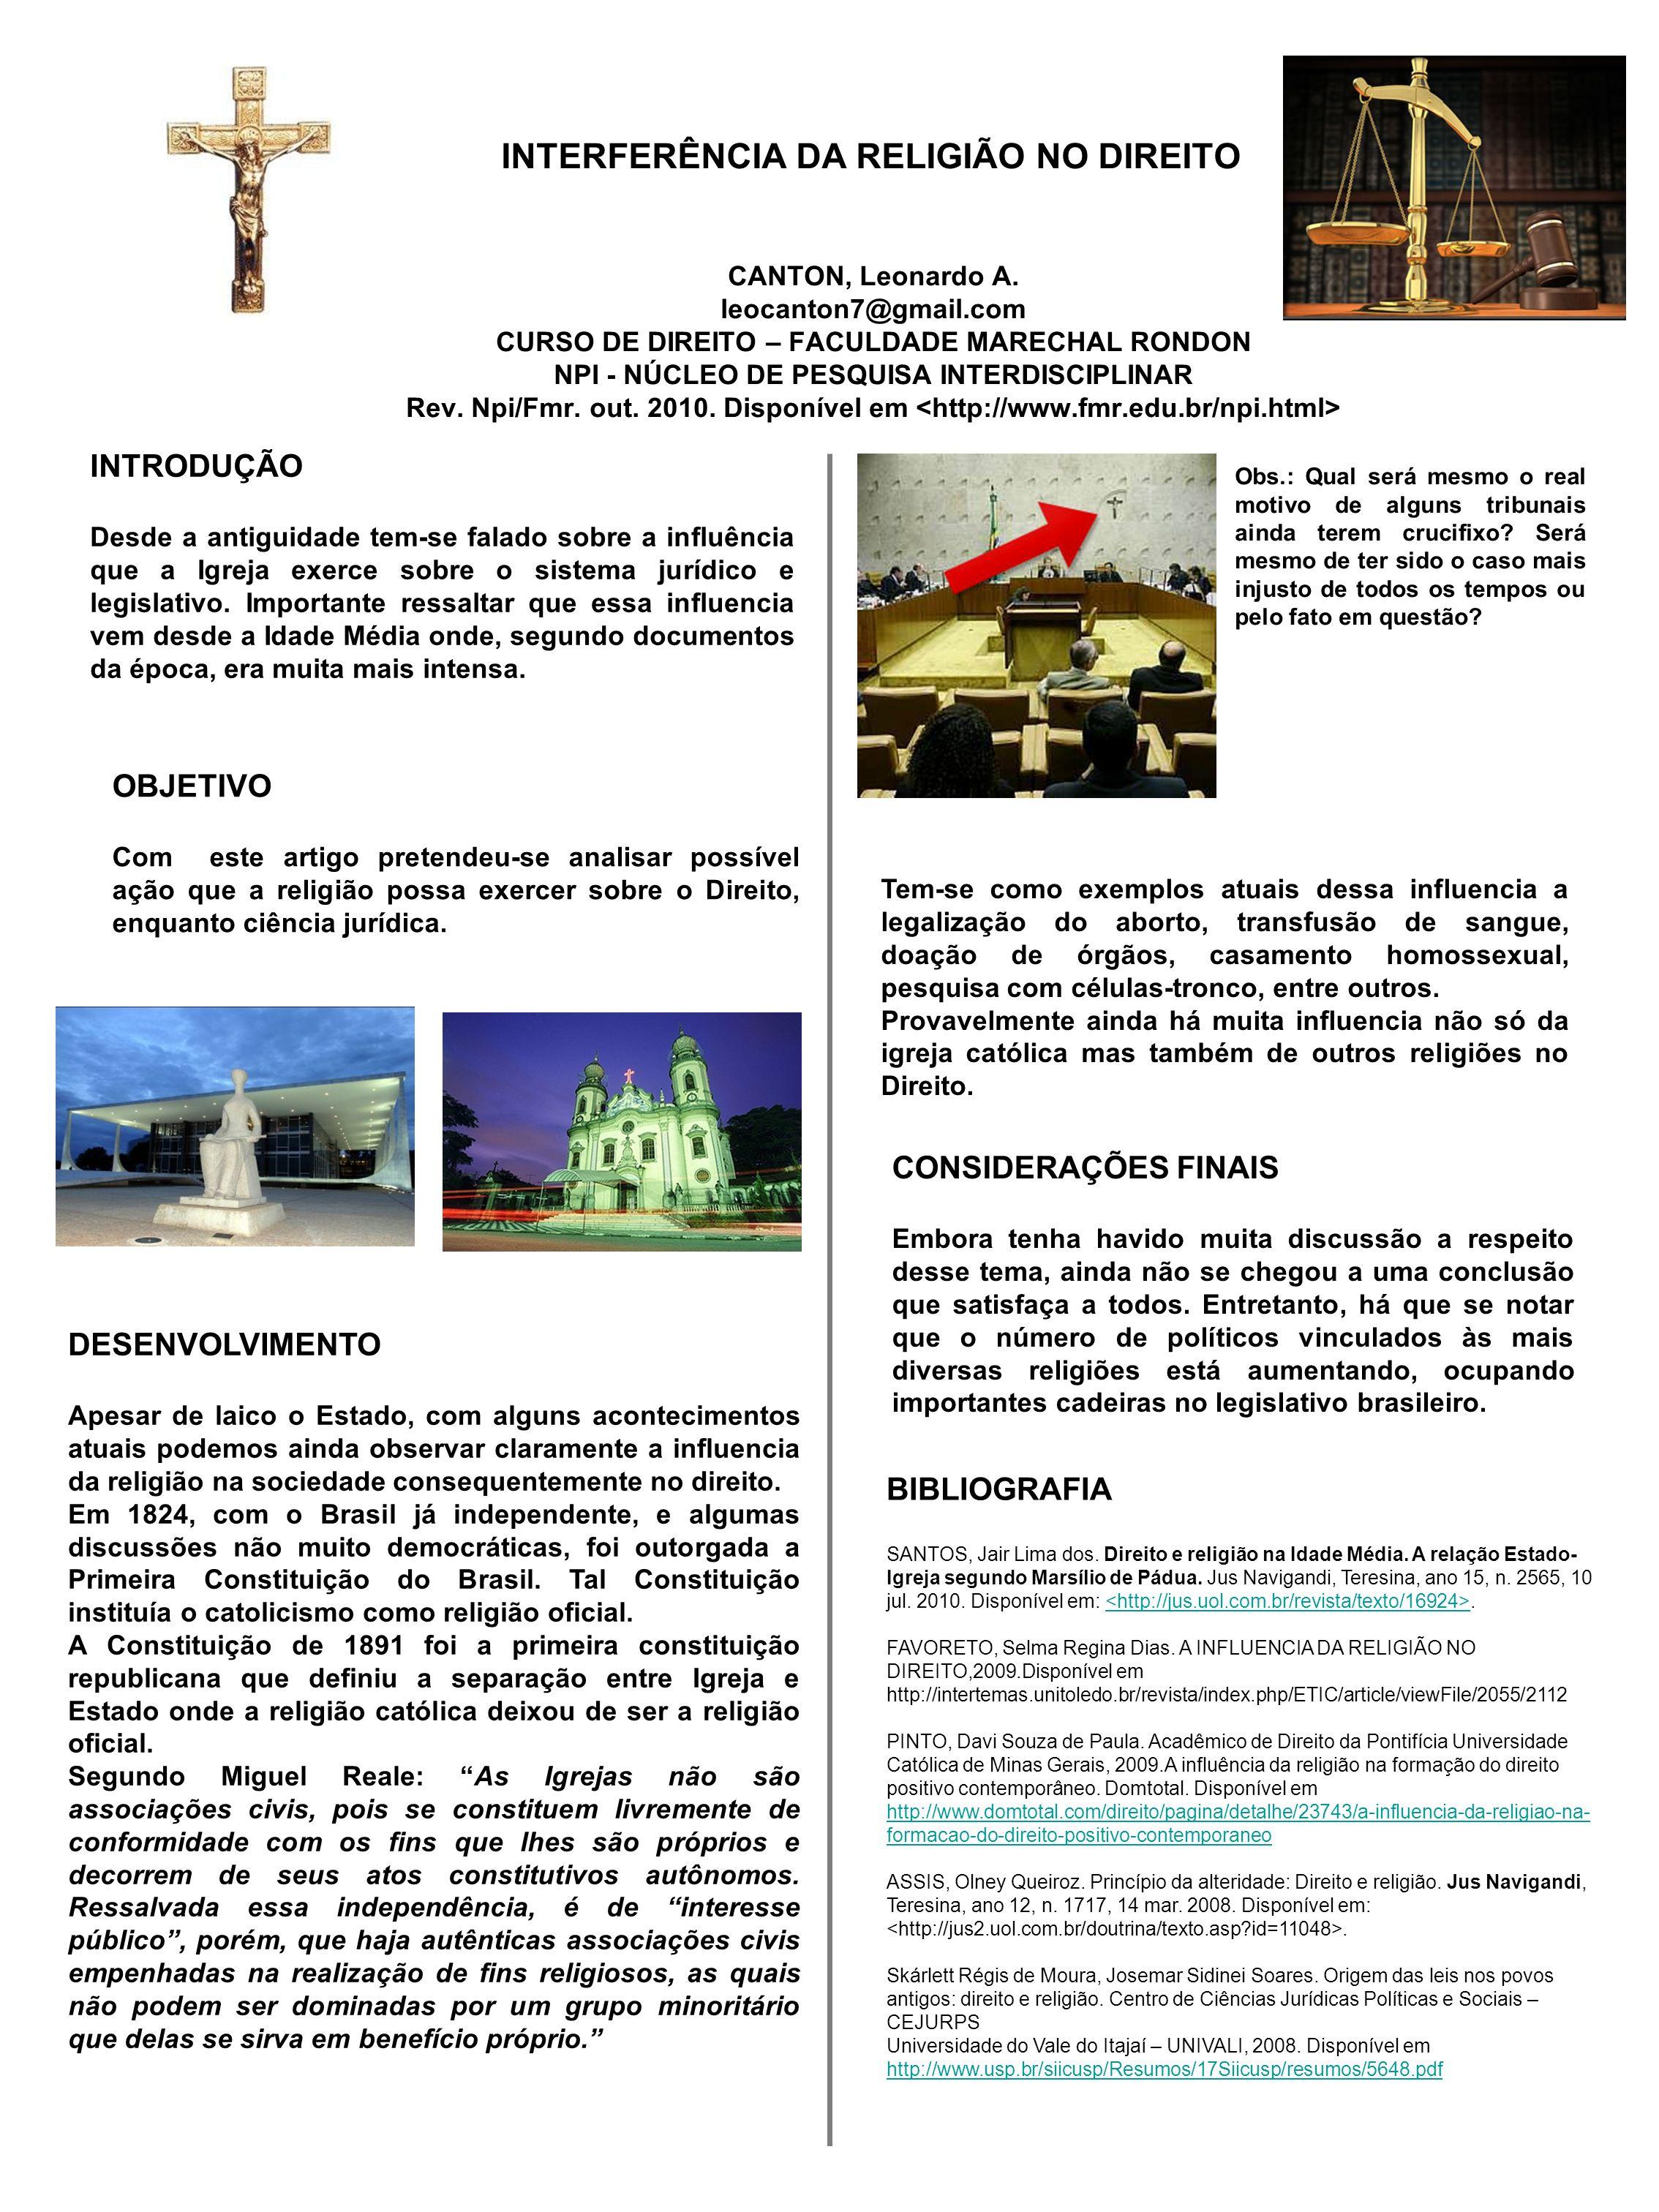 INTERFERÊNCIA DA RELIGIÃO NO DIREITO CANTON, Leonardo A. leocanton7@gmail.com CURSO DE DIREITO – FACULDADE MARECHAL RONDON NPI - NÚCLEO DE PESQUISA IN